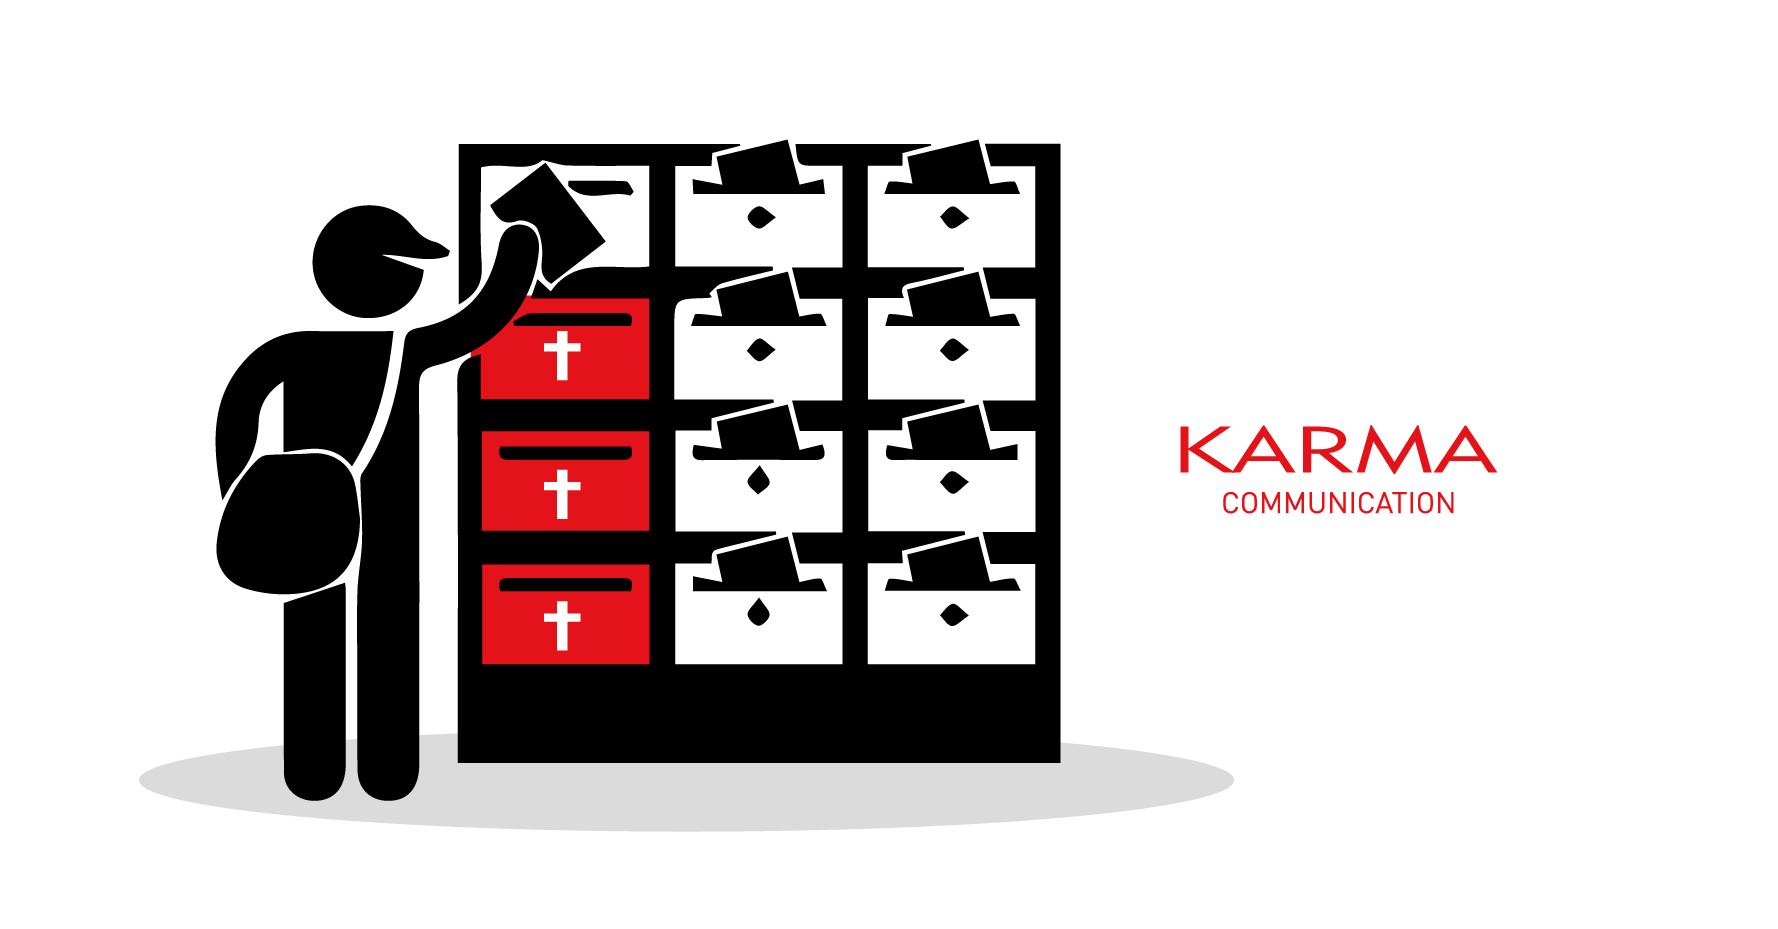 Karma Communication - Morti e feriti nella mail